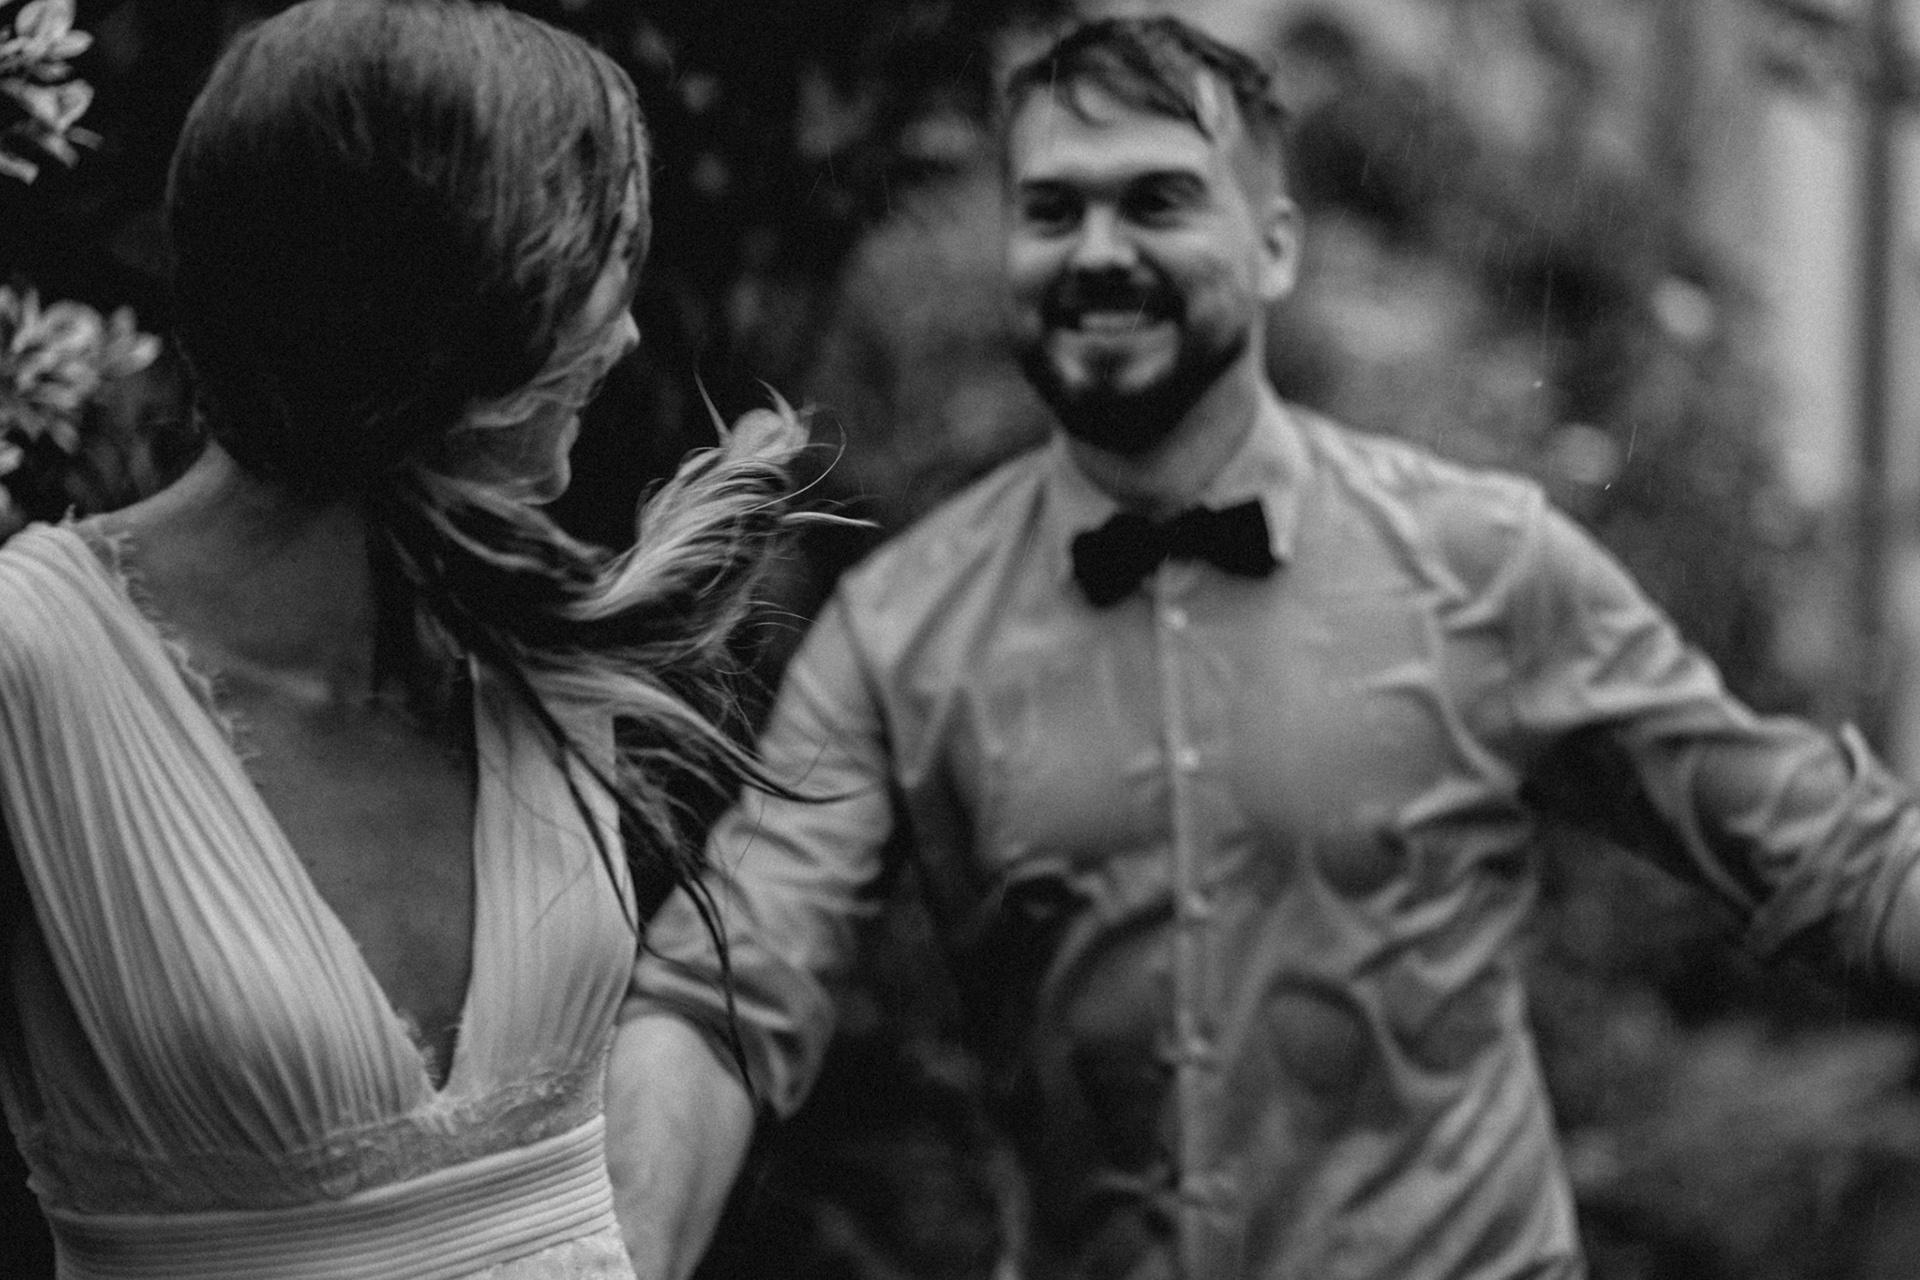 Hinterhof Hochzeitsfotografie - Nordrhein-Westfalen | Die Braut nahm den Bräutigam bei der Hand und rannte in den Regen